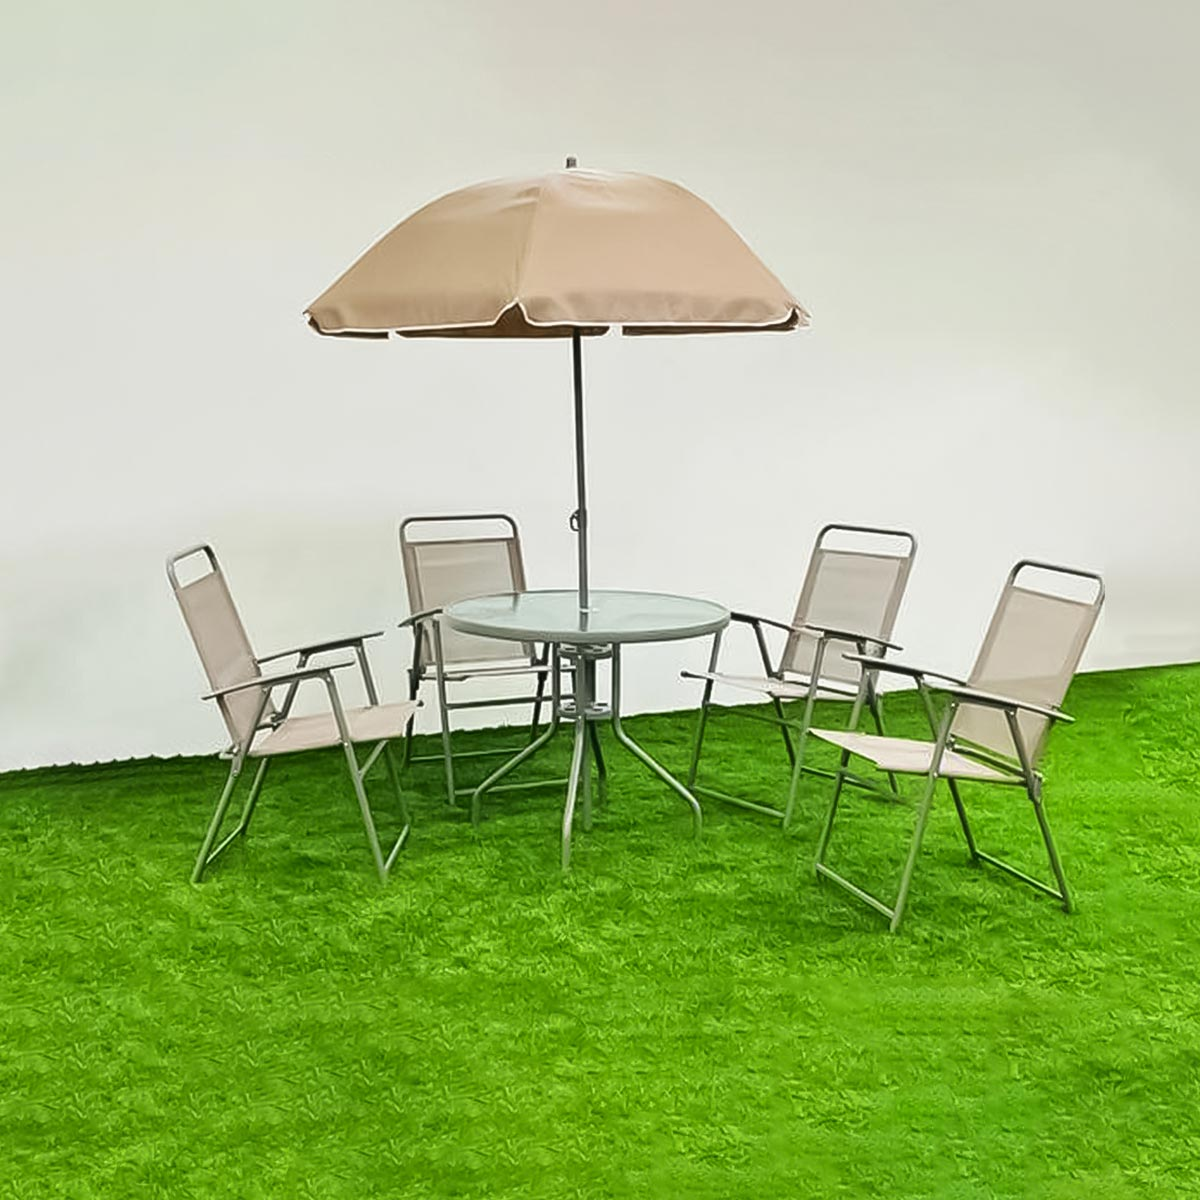 طقم طاولة جلسات خارجية دائري لون بني مع 4 كرسي ومظله رقم 210598